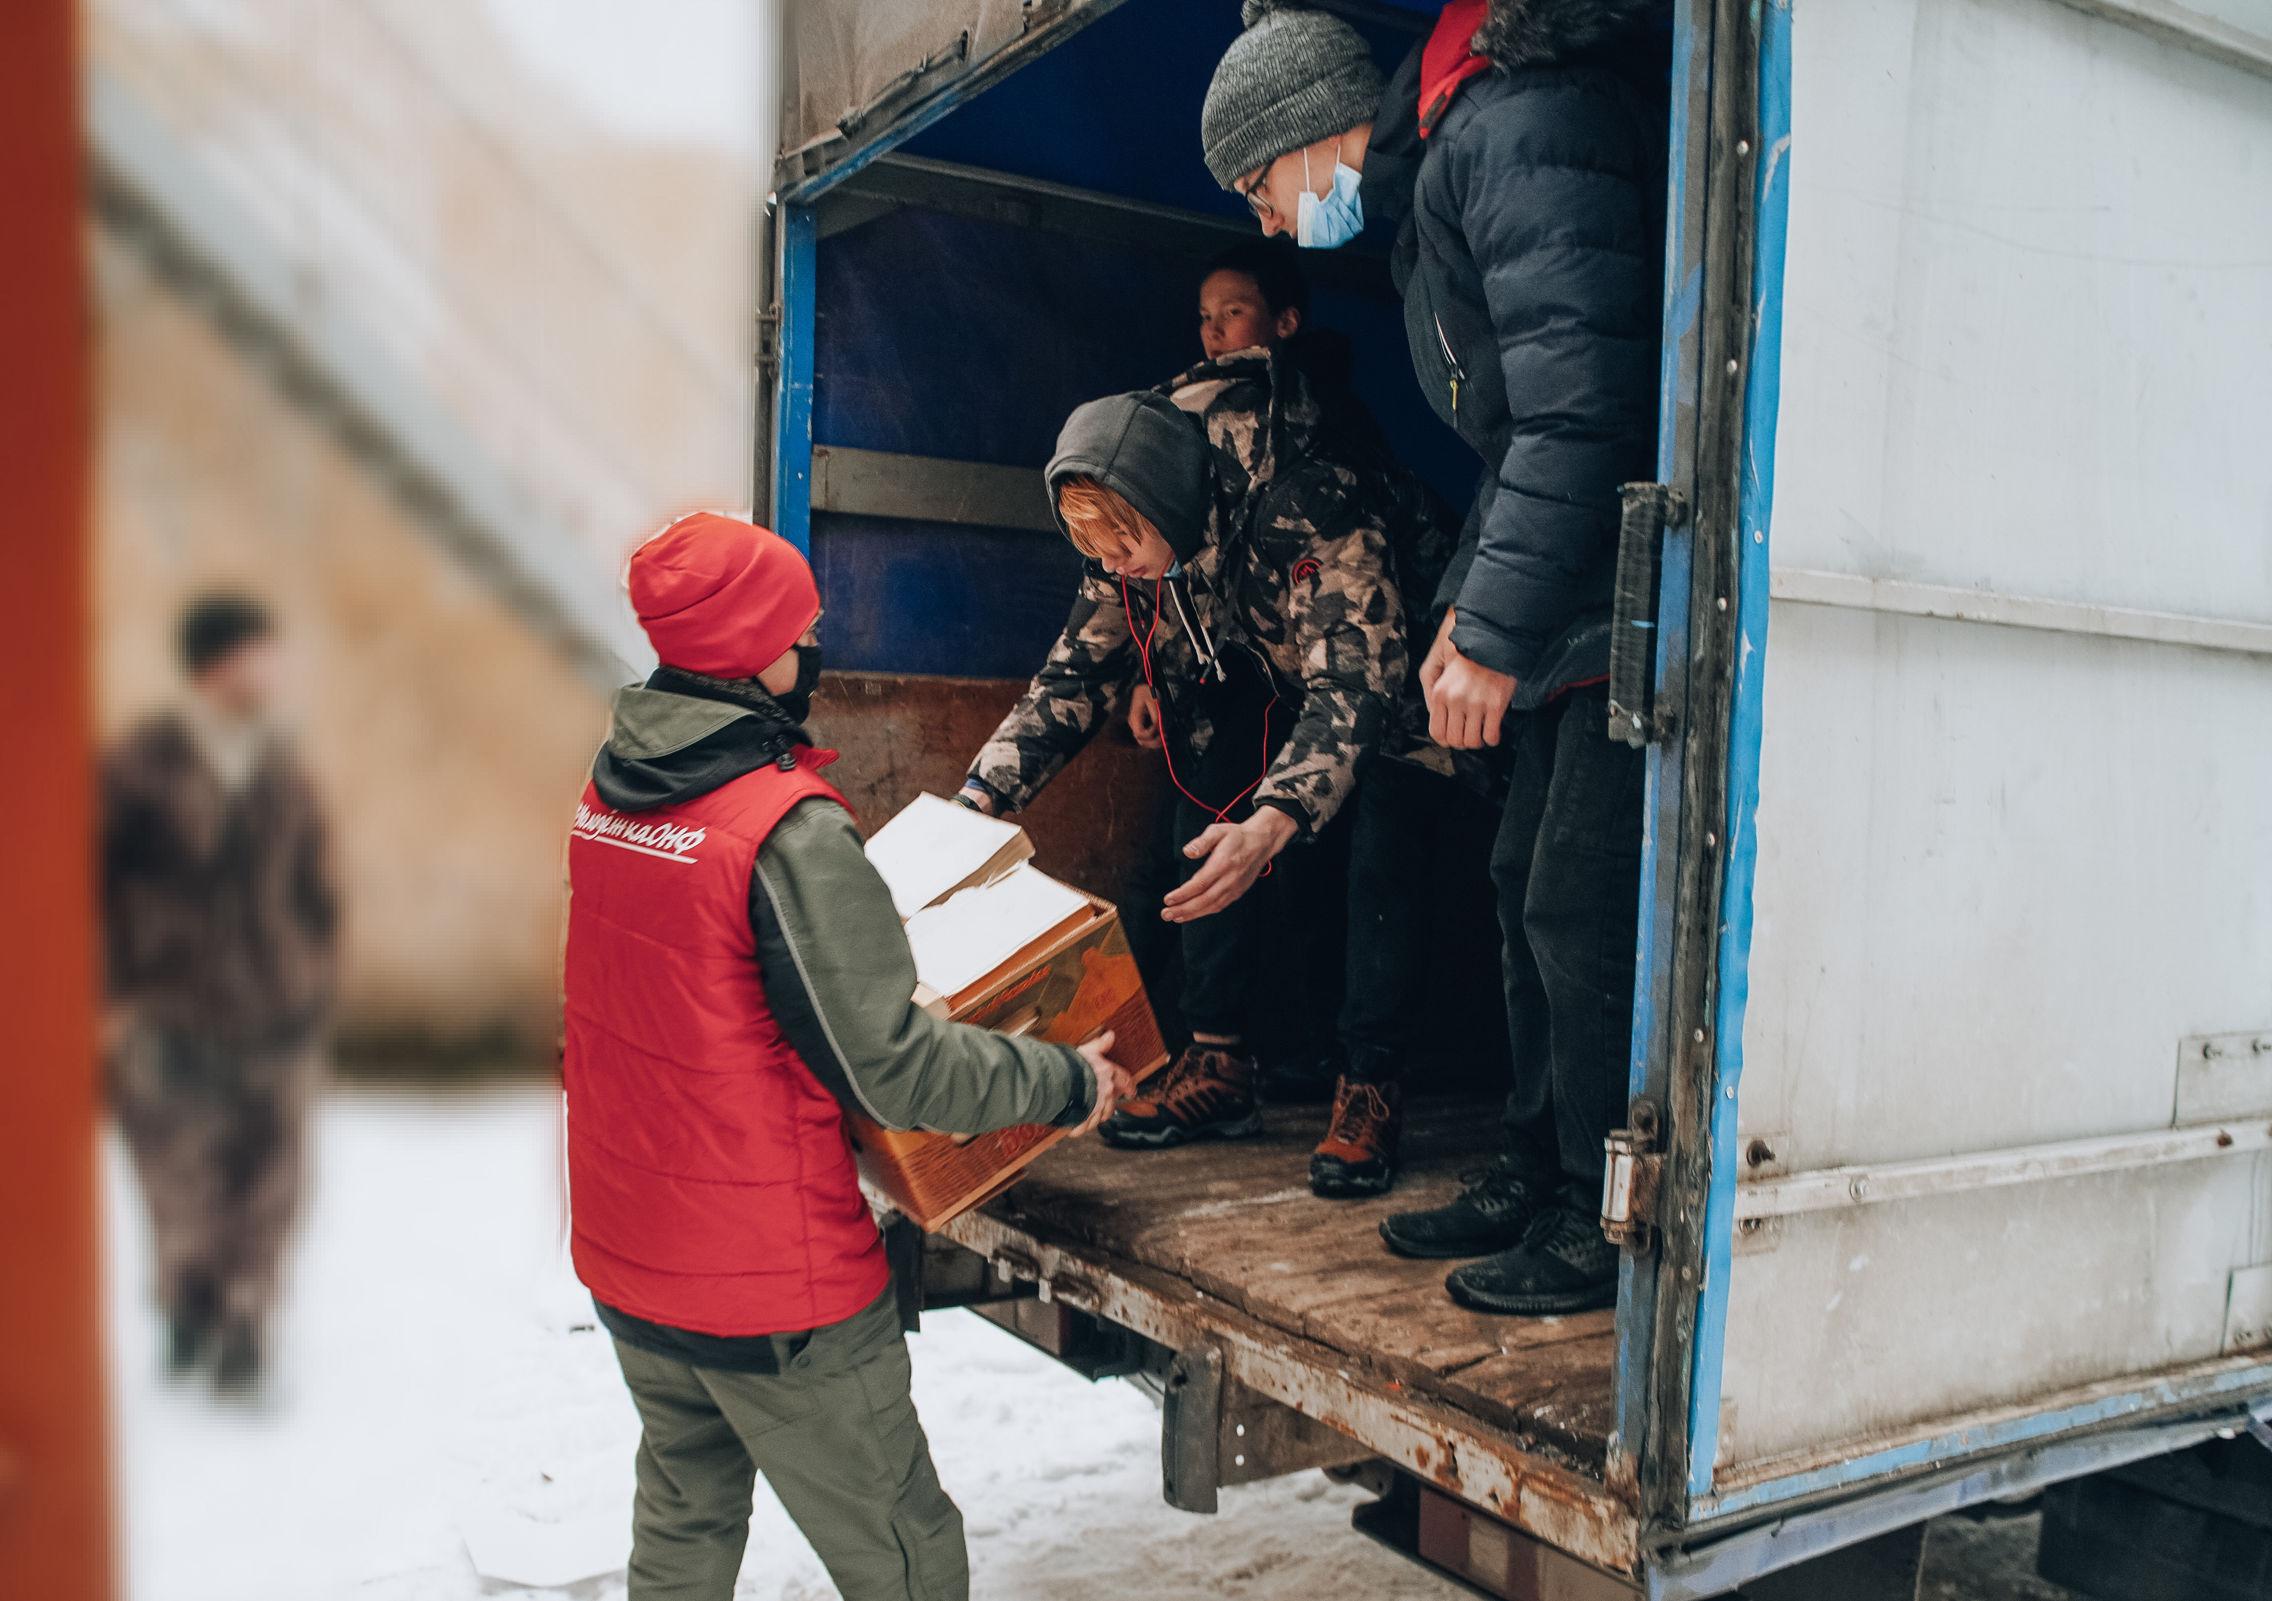 Воспитанники Рыбинского детского дома установили рекорд всероссийской акции #БумБатл